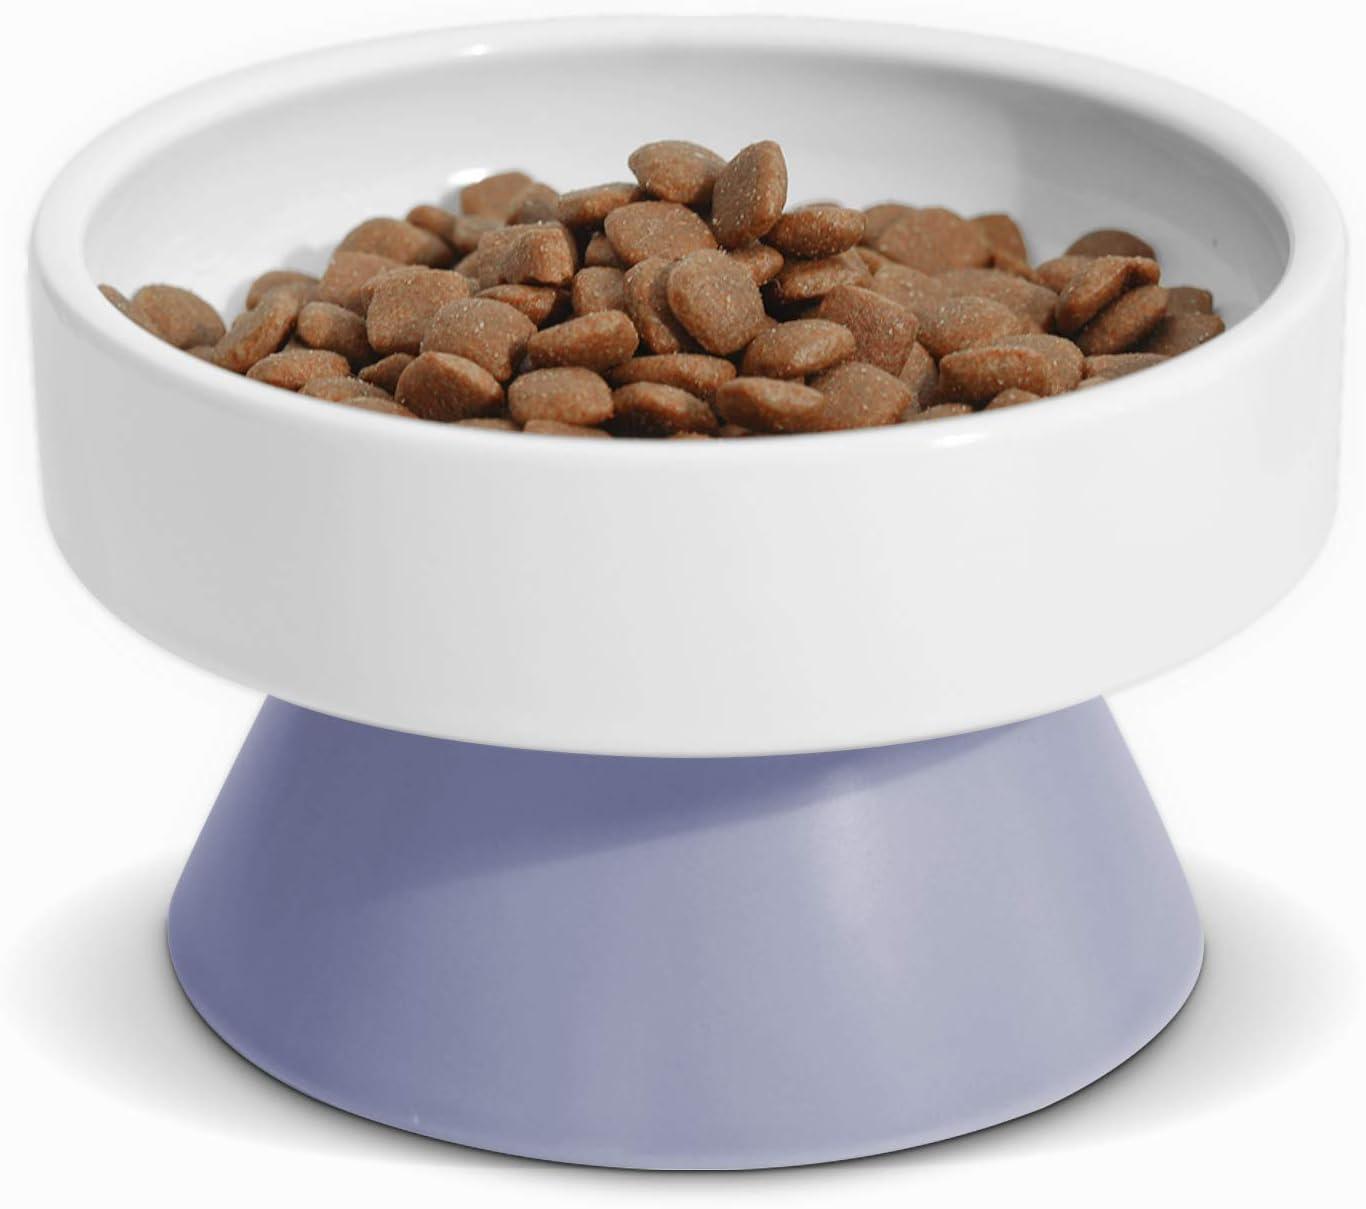 ComSaf Cat Ceramic Raised Discount mail order Food Feeder Bowls Alternative dealer Elevated Prote Pet